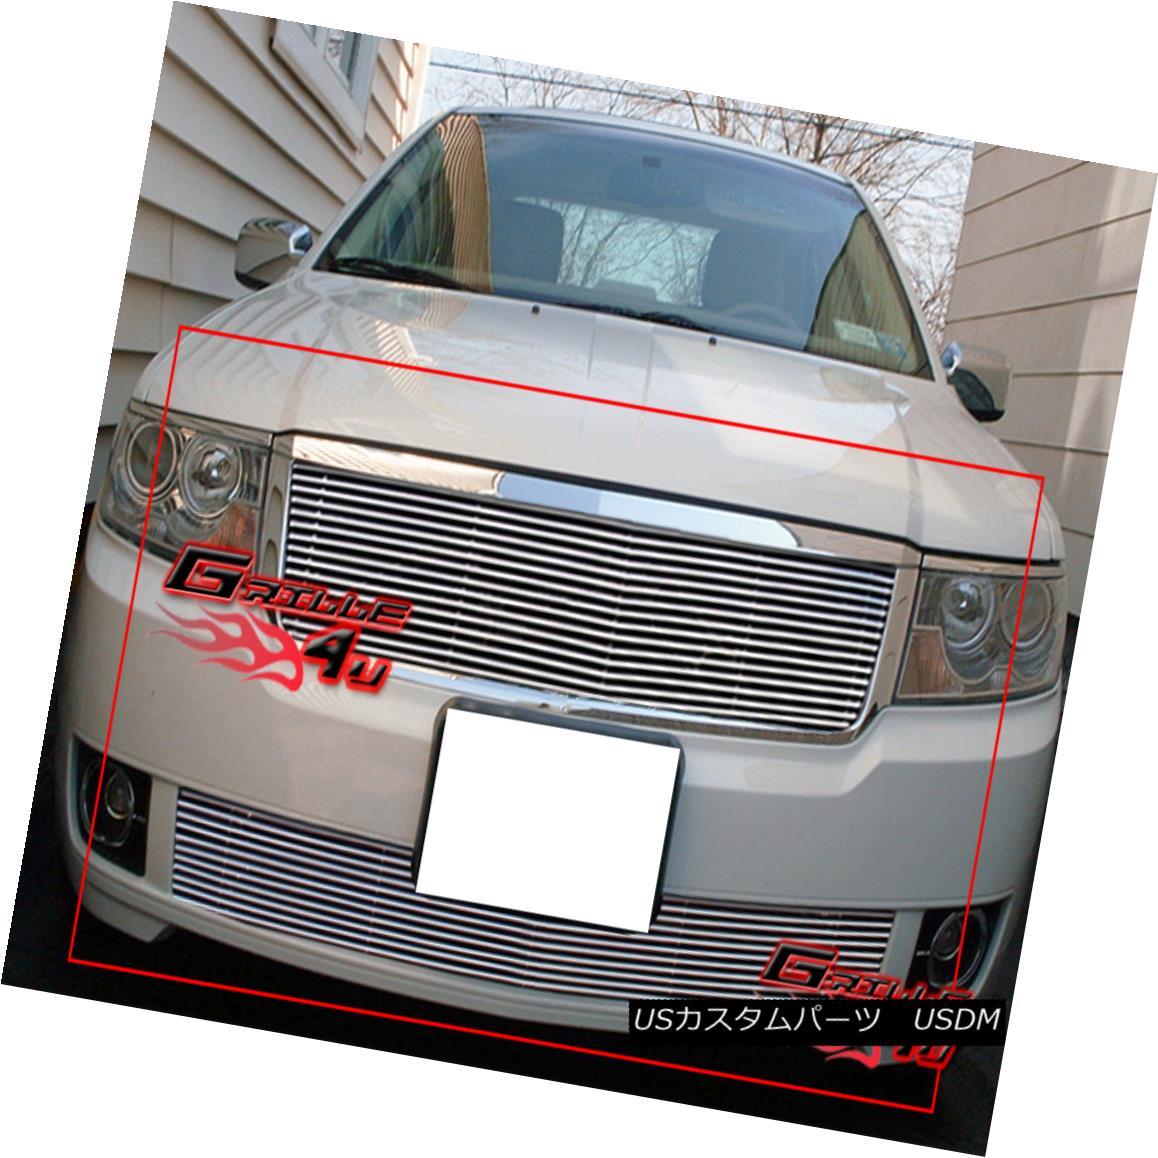 グリル Fits 2007-2008 Lincoln MKZ Billet Grille Insert フィット2007-2008リンカーンMKZビレットグリルインサート